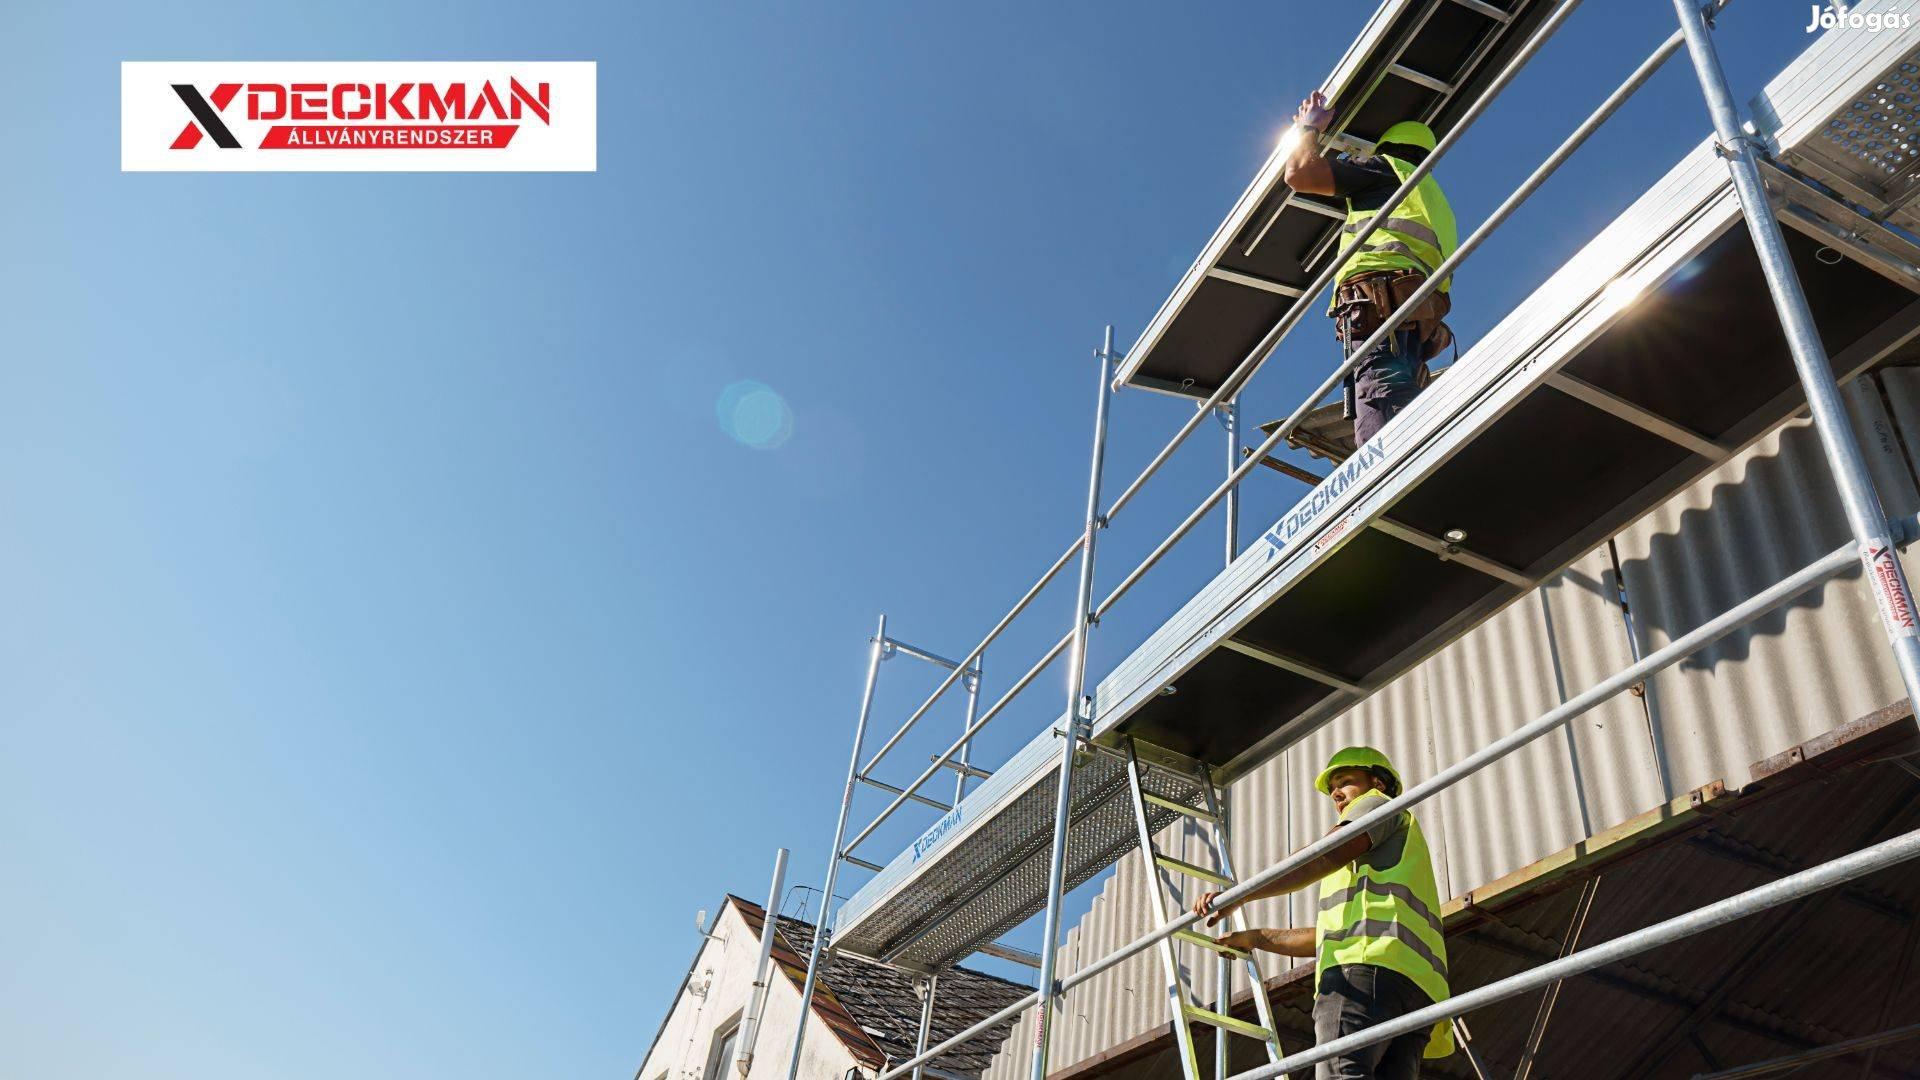 Deckman - Nagyon jó ajánlatunk van 60 m2 Új homlokzati állványra